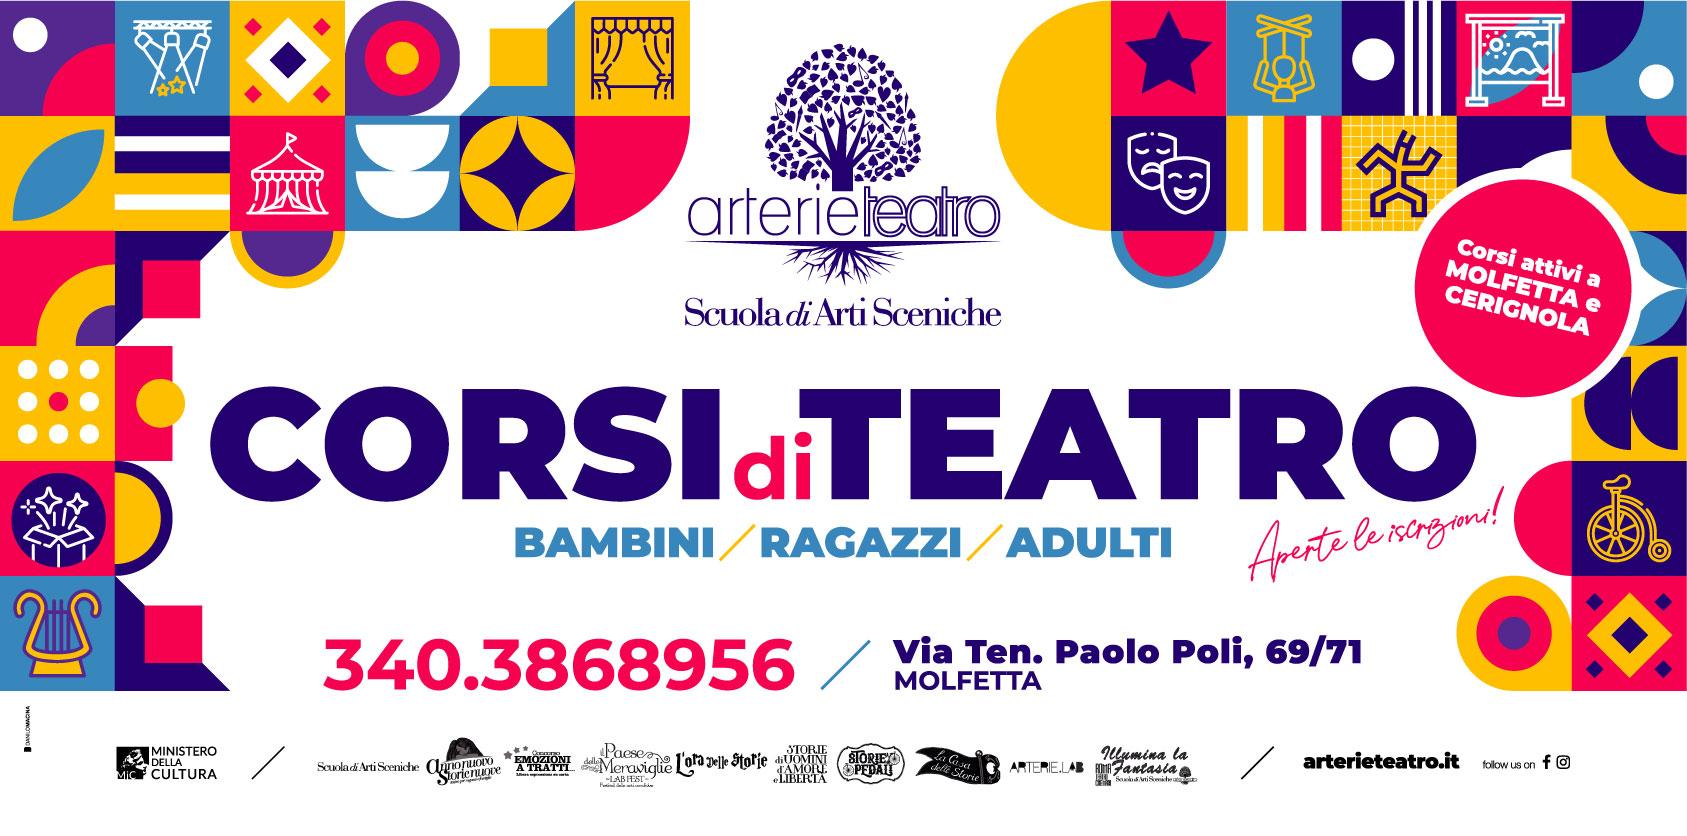 Arterie Teatro Scuola di Arti Sceniche - Corsi di Teatro a Molfetta e Cerignola 2021